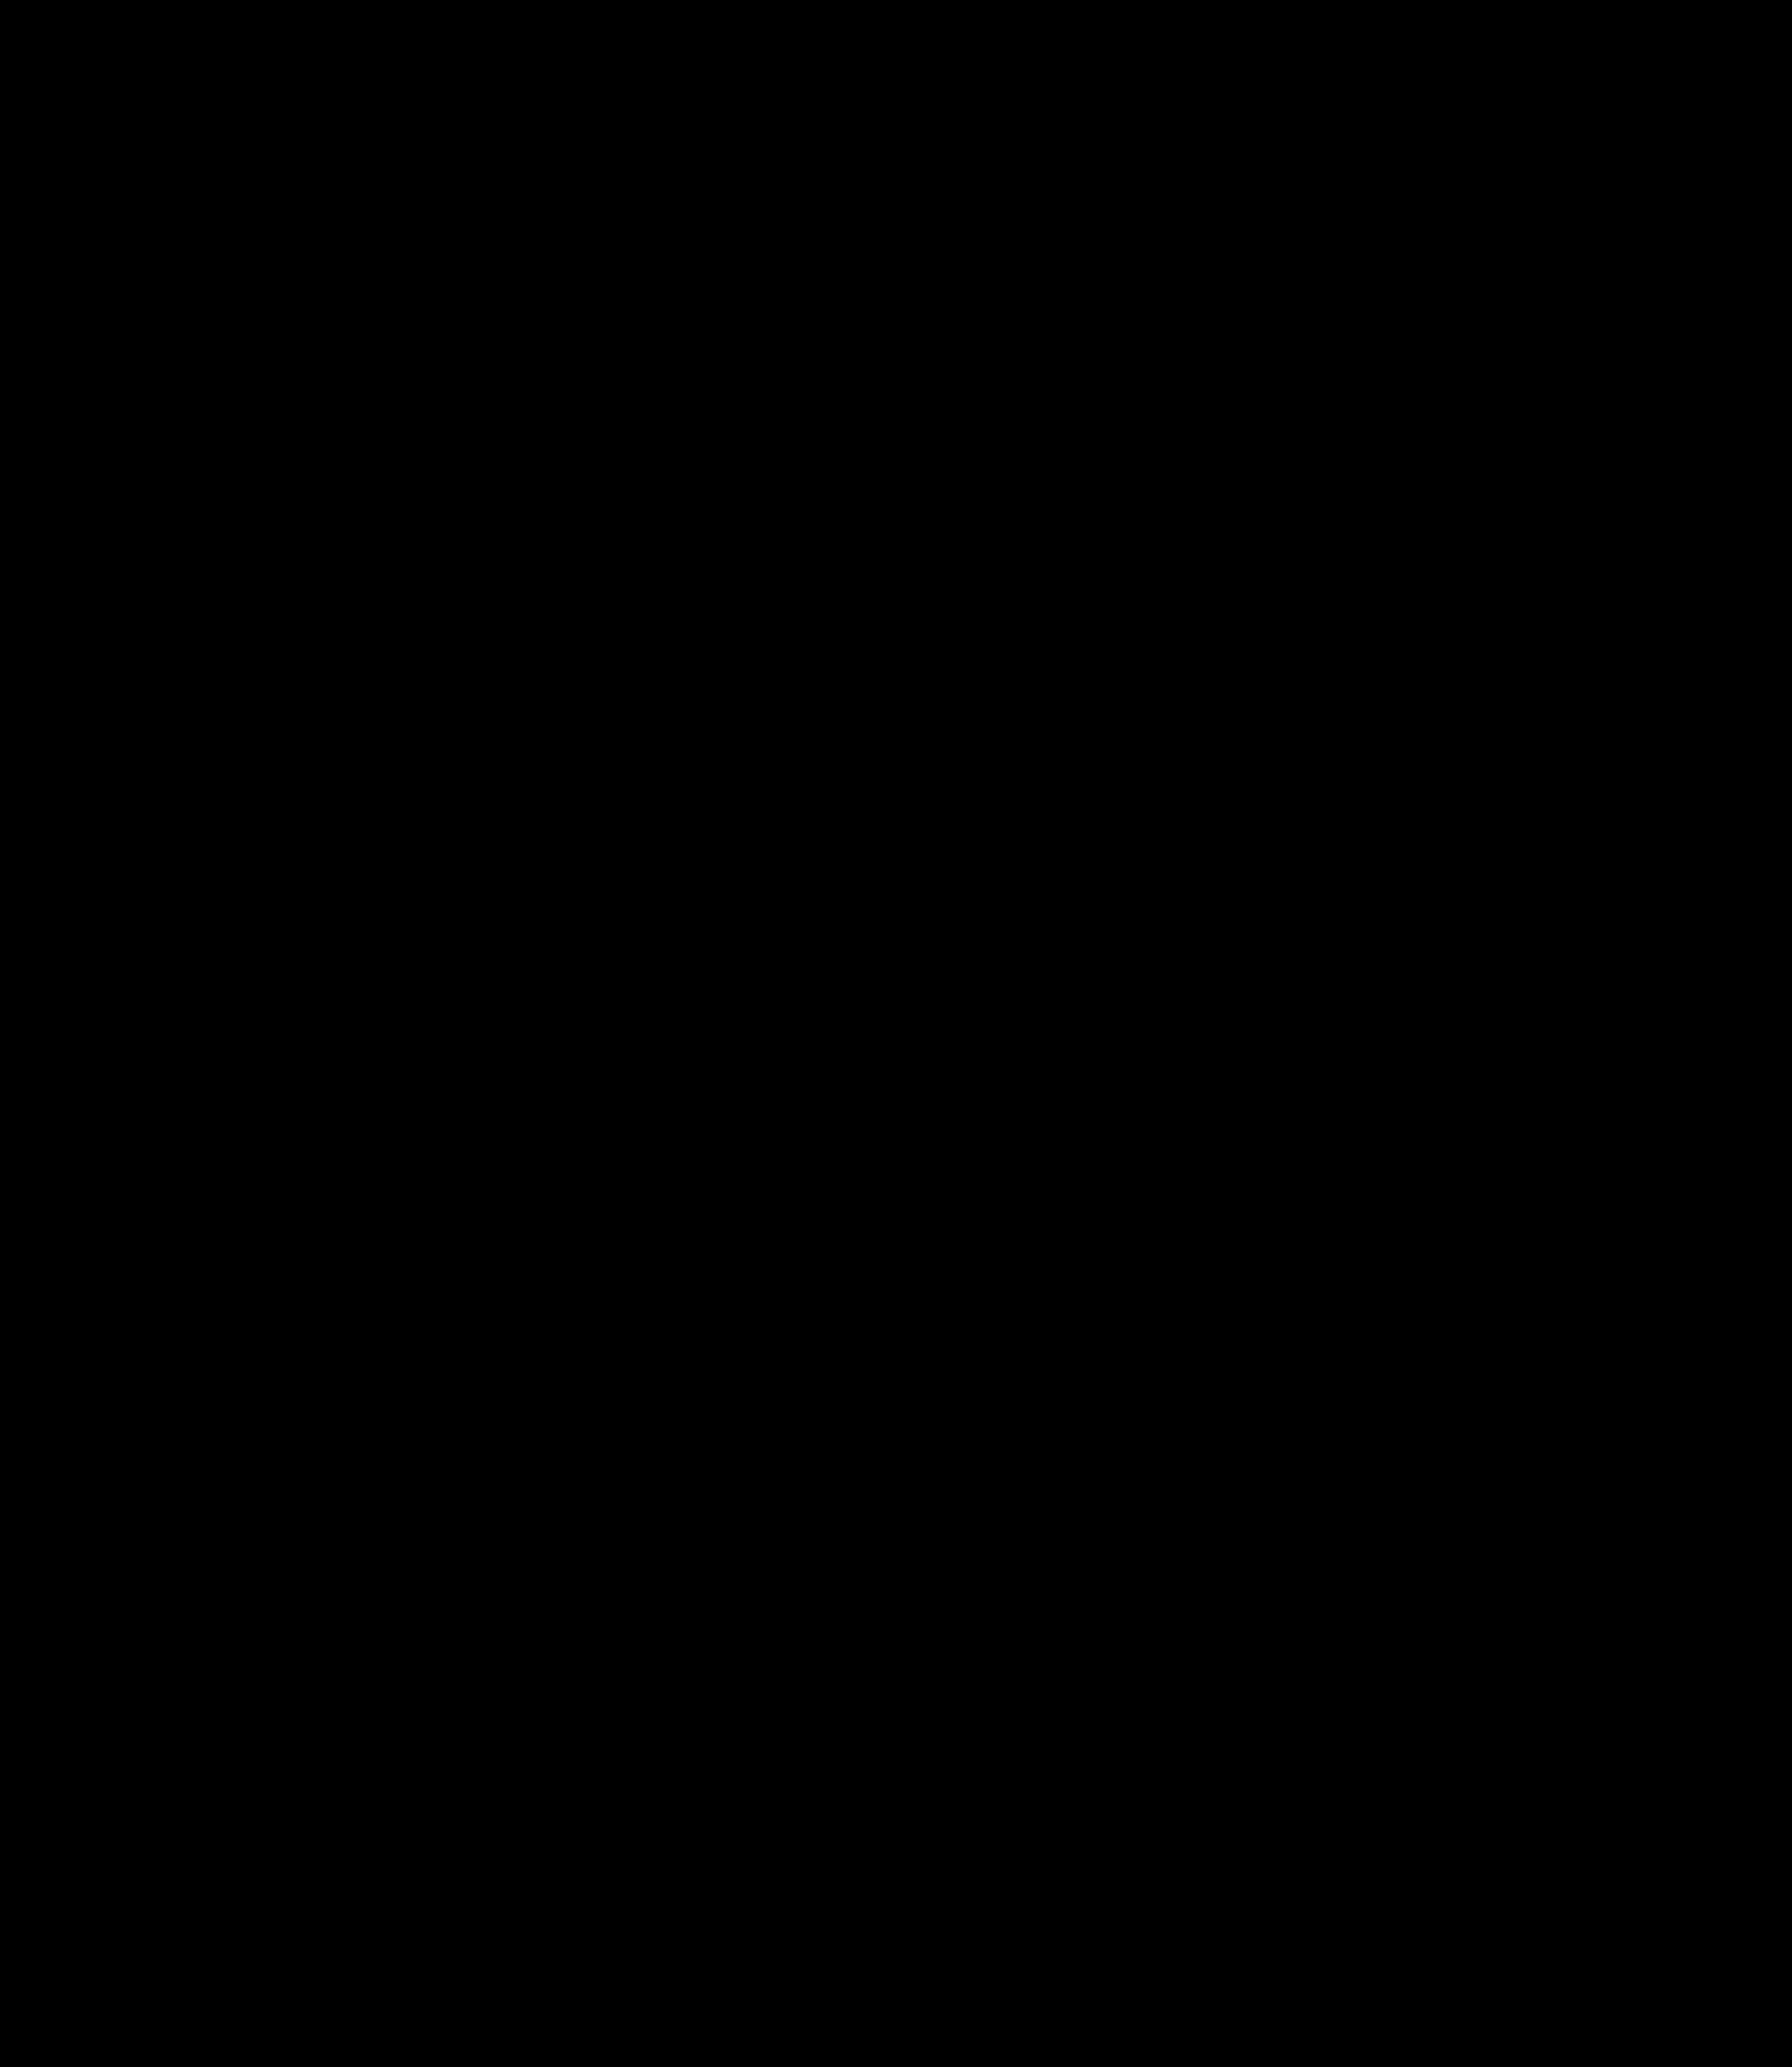 Zombie clipart public domain. Zombies silhouette big image